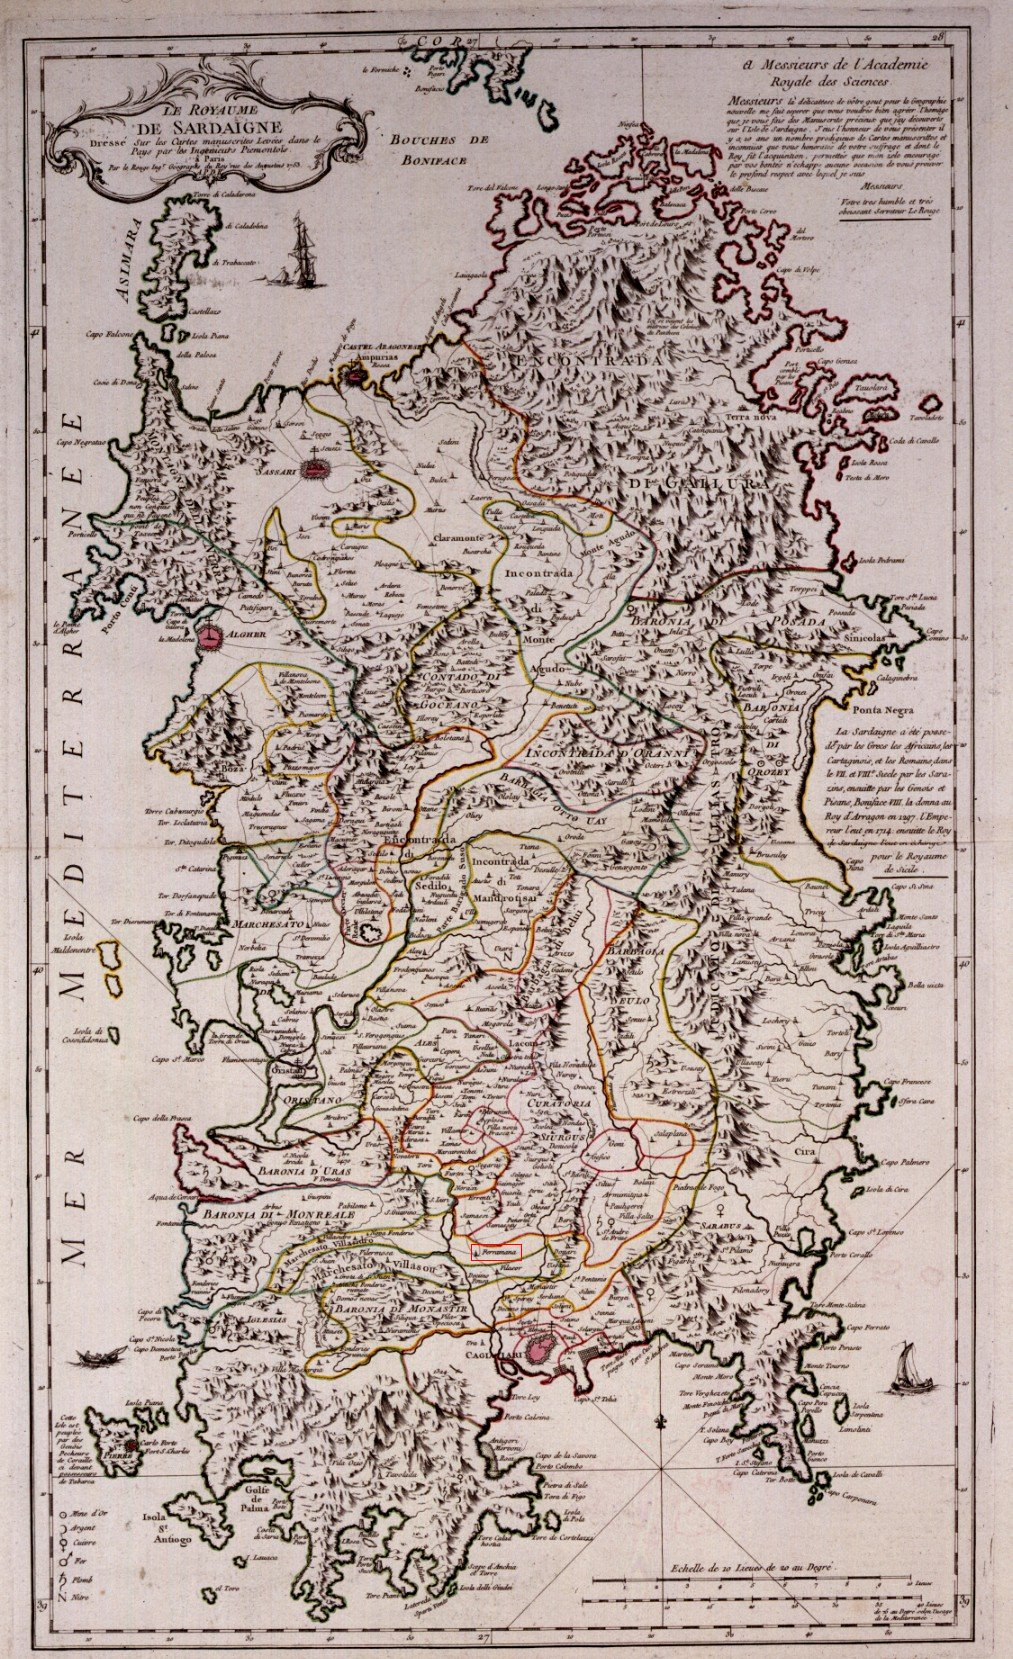 Cartina Antica Sardegna.Cartine Storiche In Cui Appare Serramanna